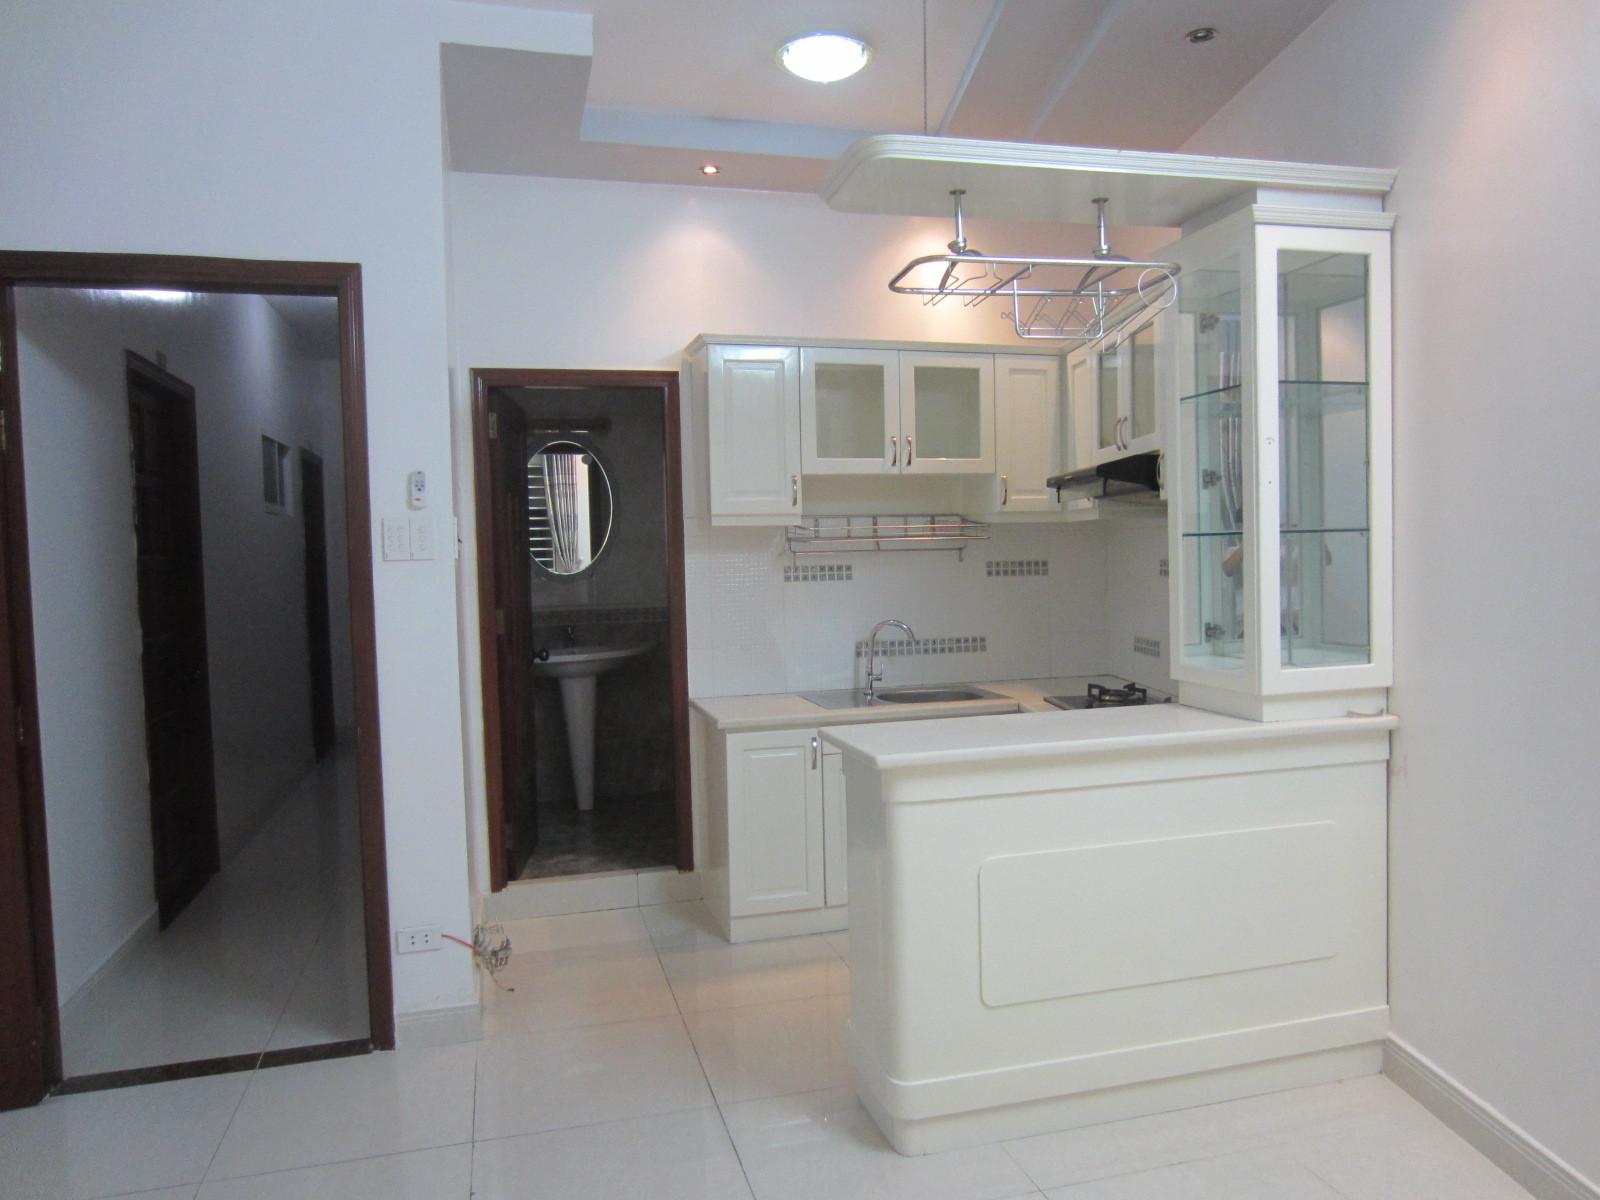 Dịch vụ sửa chữa nhà ở tại Hà Nội giá rẻ- Chuyên sửa chữa nhà ở uy tín chất lượng